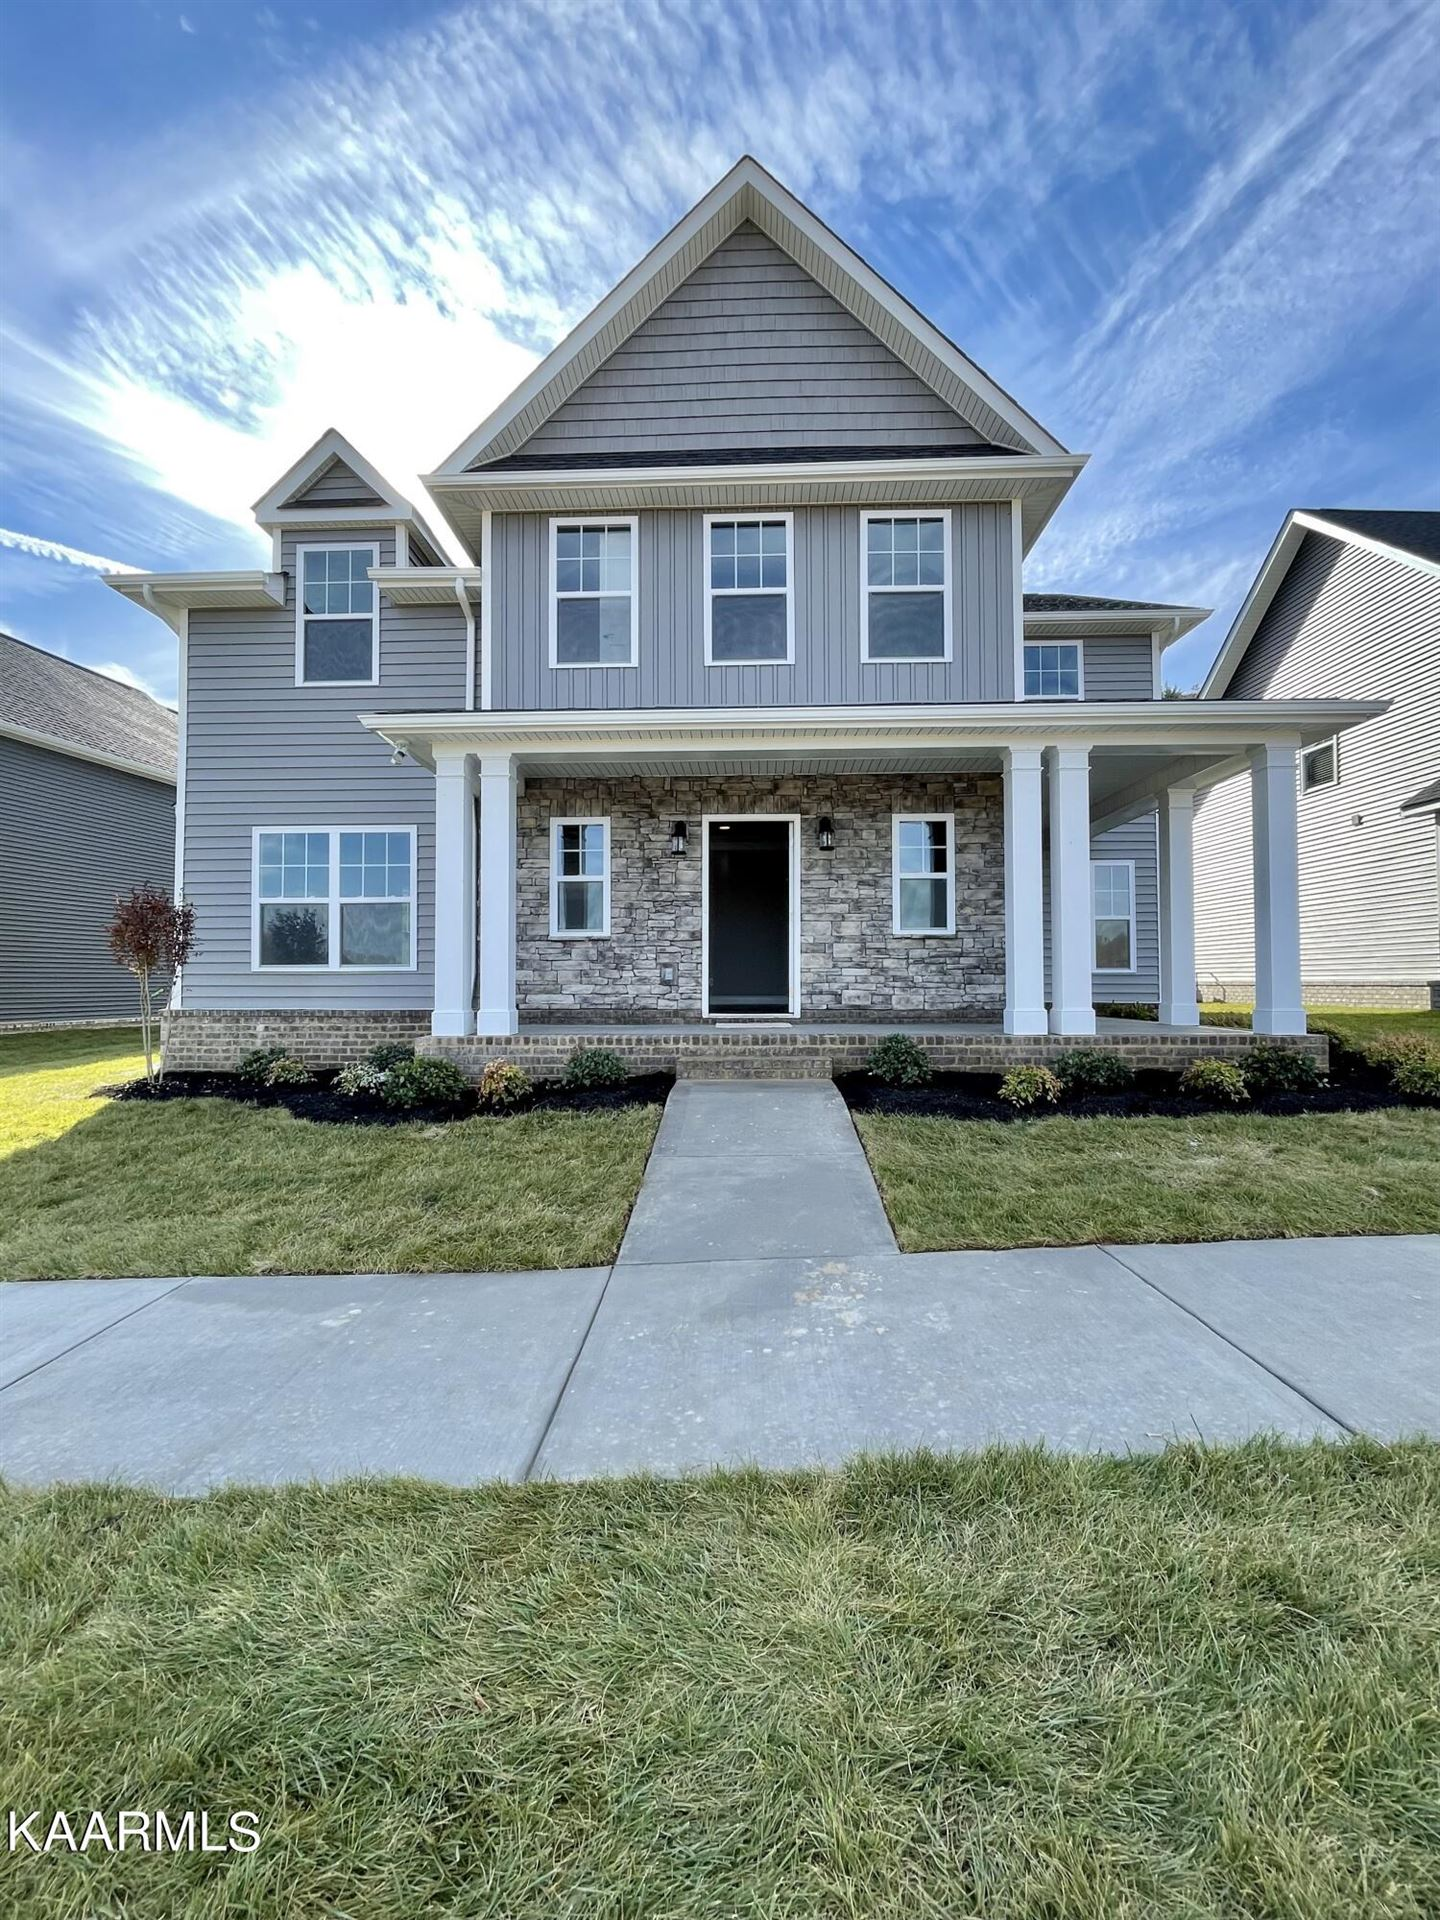 Photo of 121 Boysenberry Drive #Lot 11L, Oak Ridge, TN 37830 (MLS # 1156068)